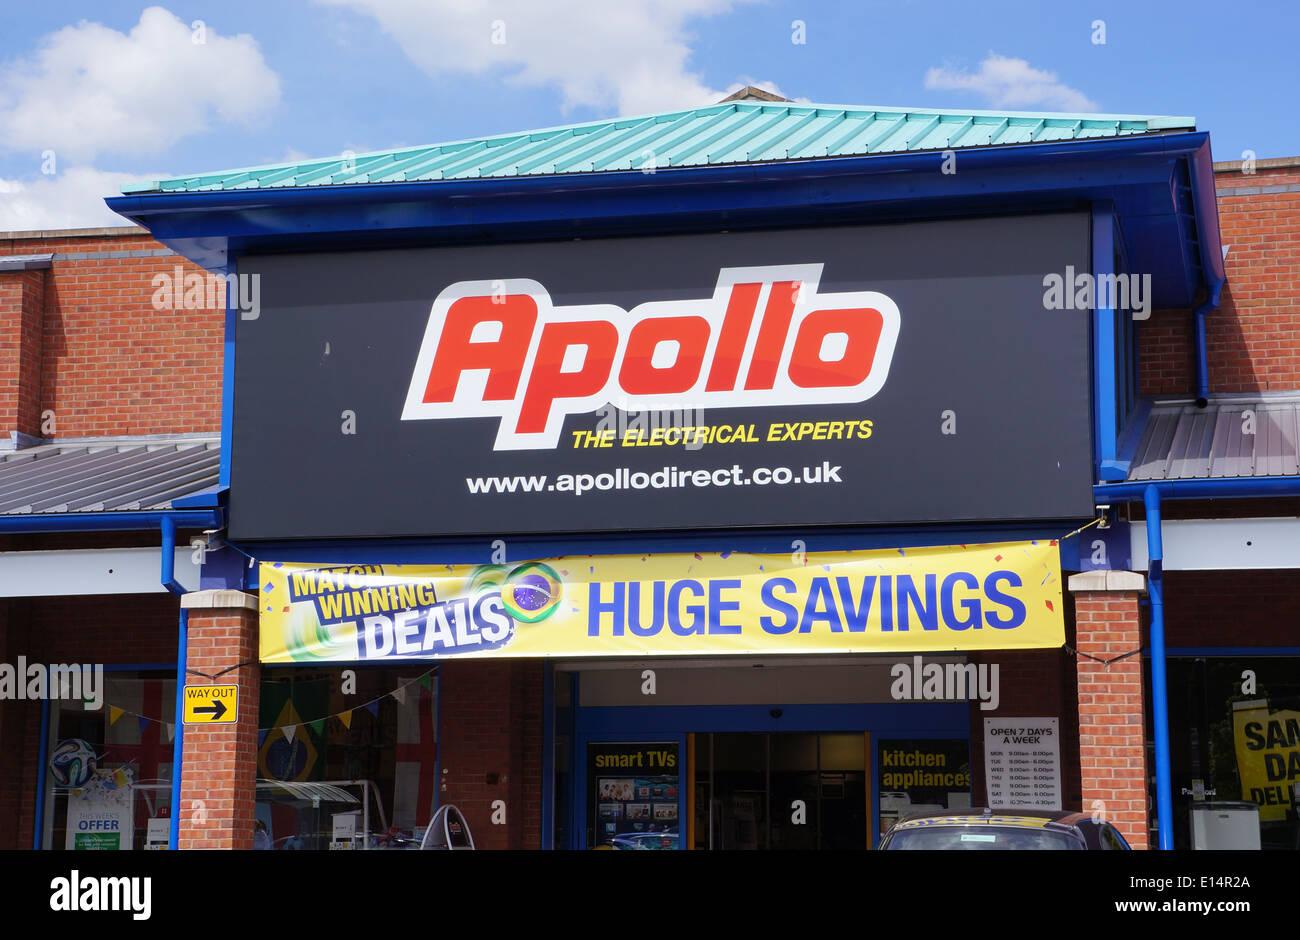 Apollo, Apollo 2000, Hughs elektrische Speicher in Großbritannien Stockbild